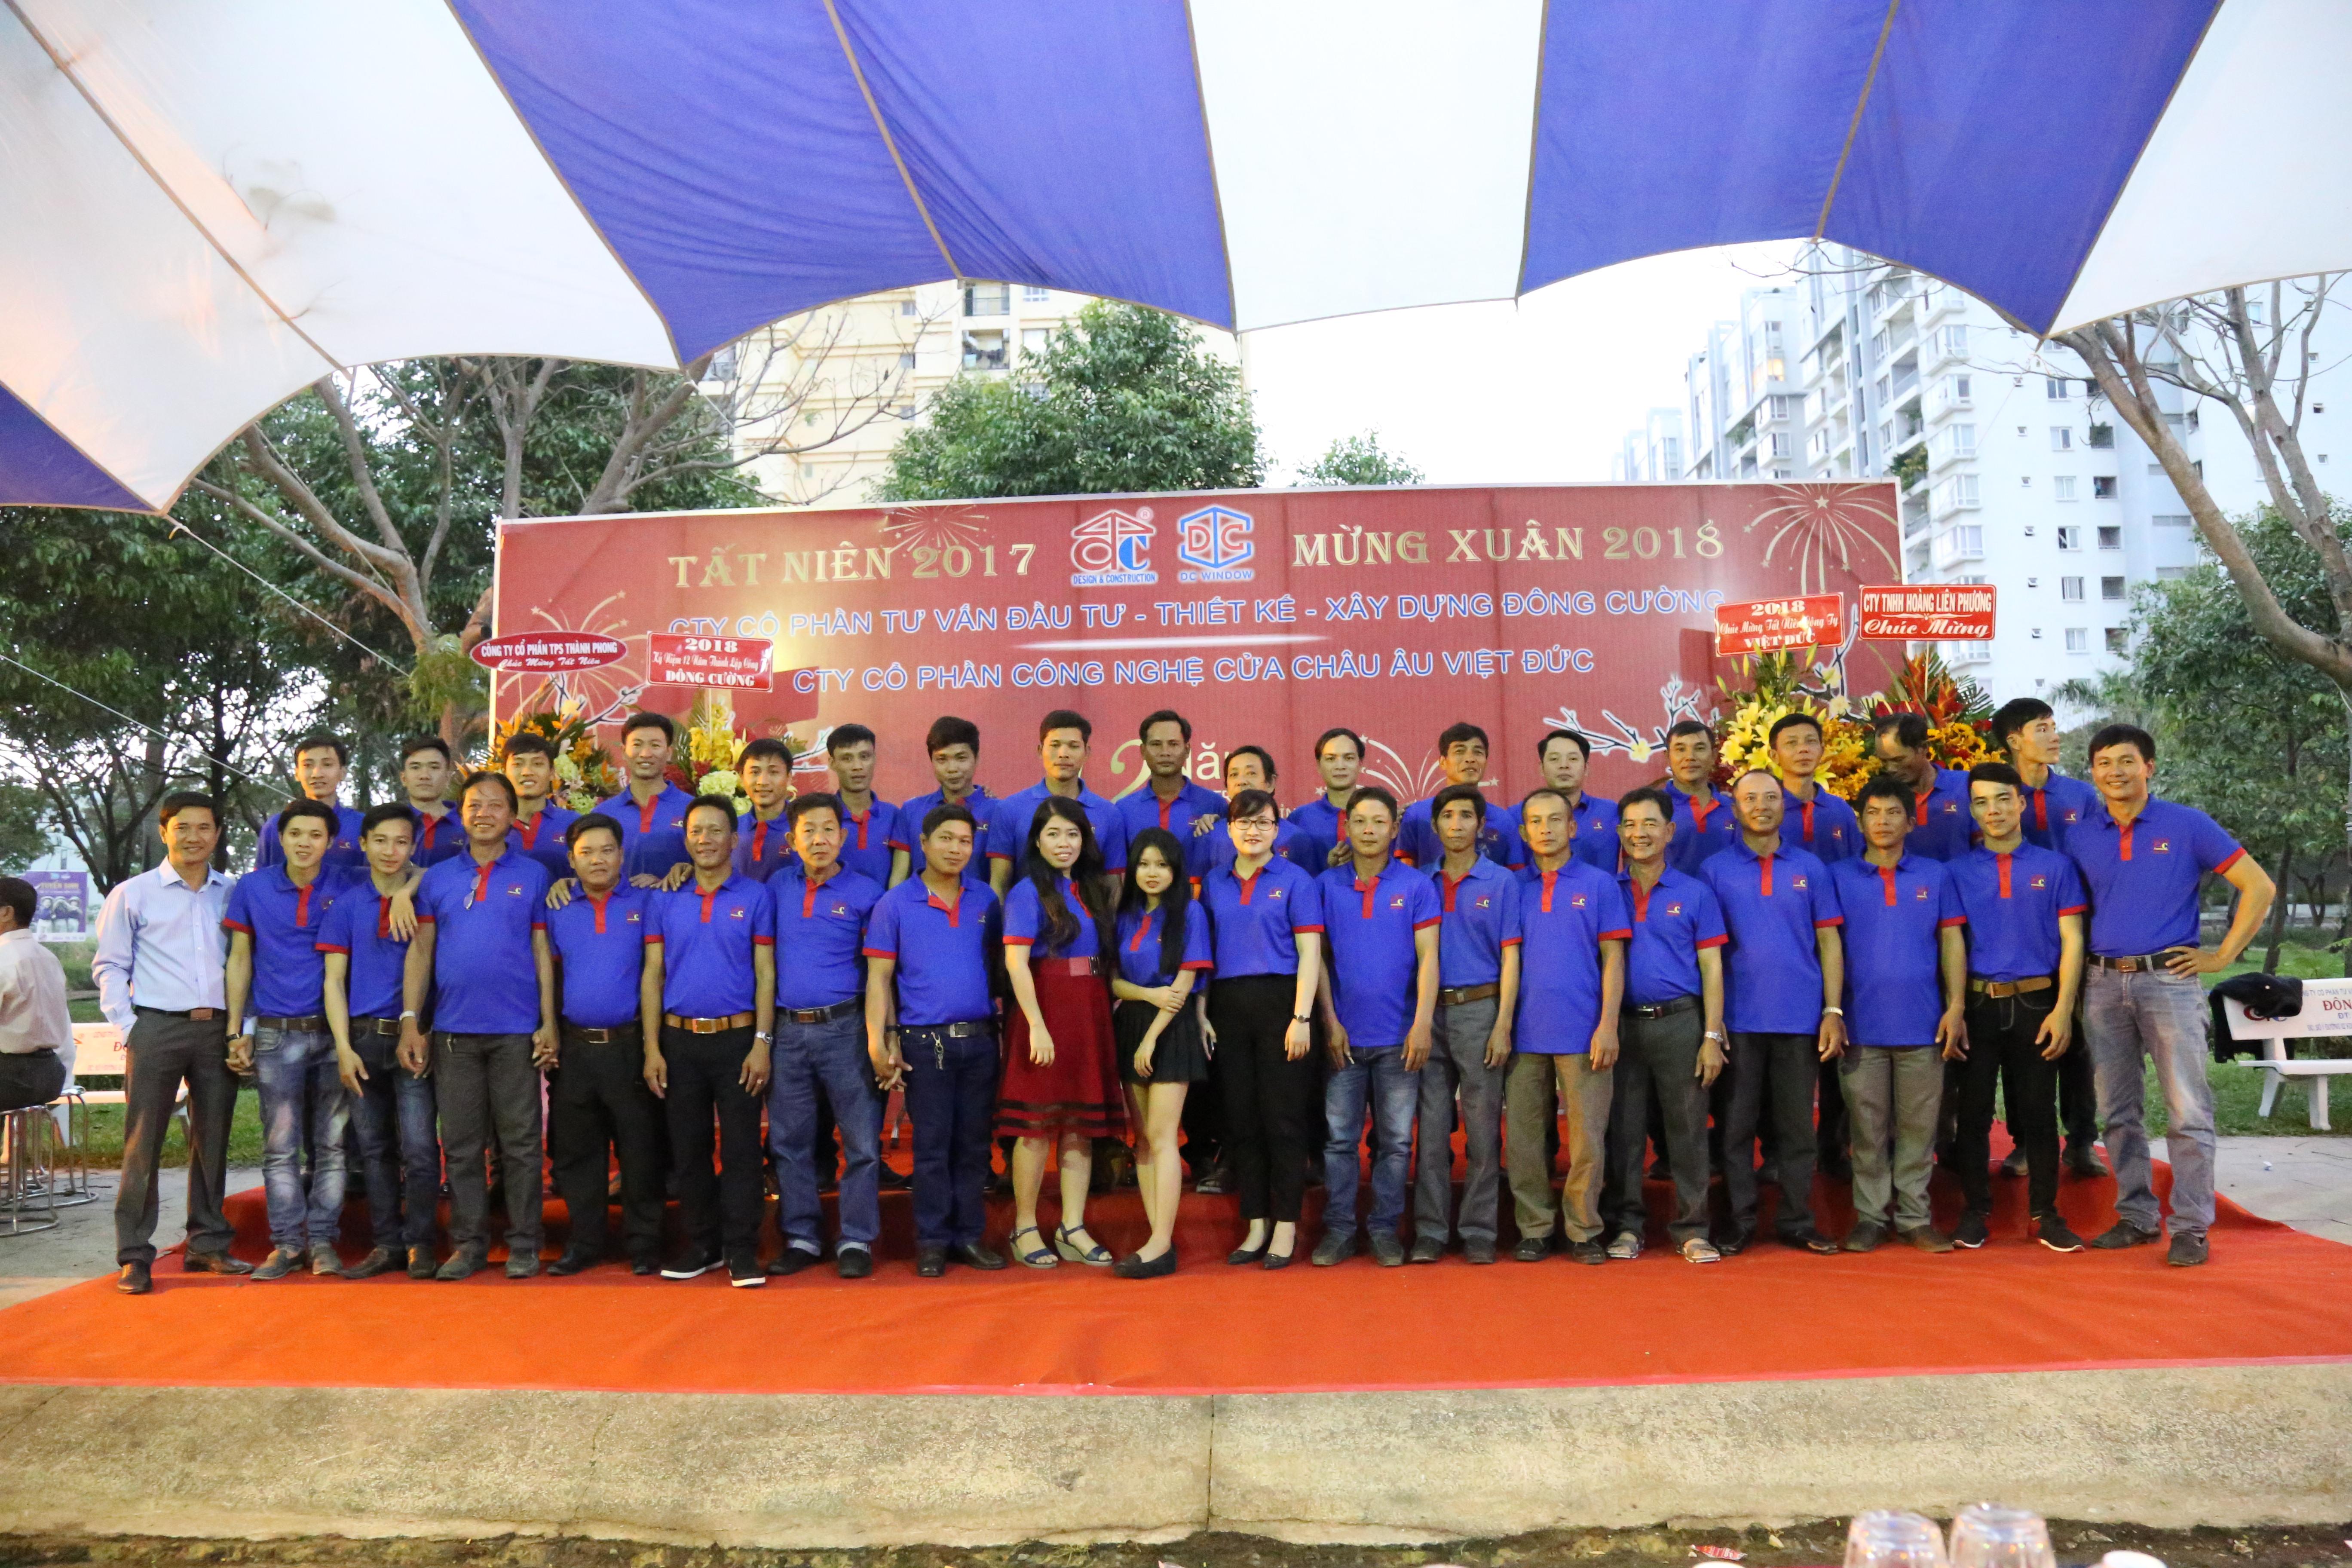 Tiệc tất niên mừng 12 năm thành lập và phát triển Công ty Đông Cường